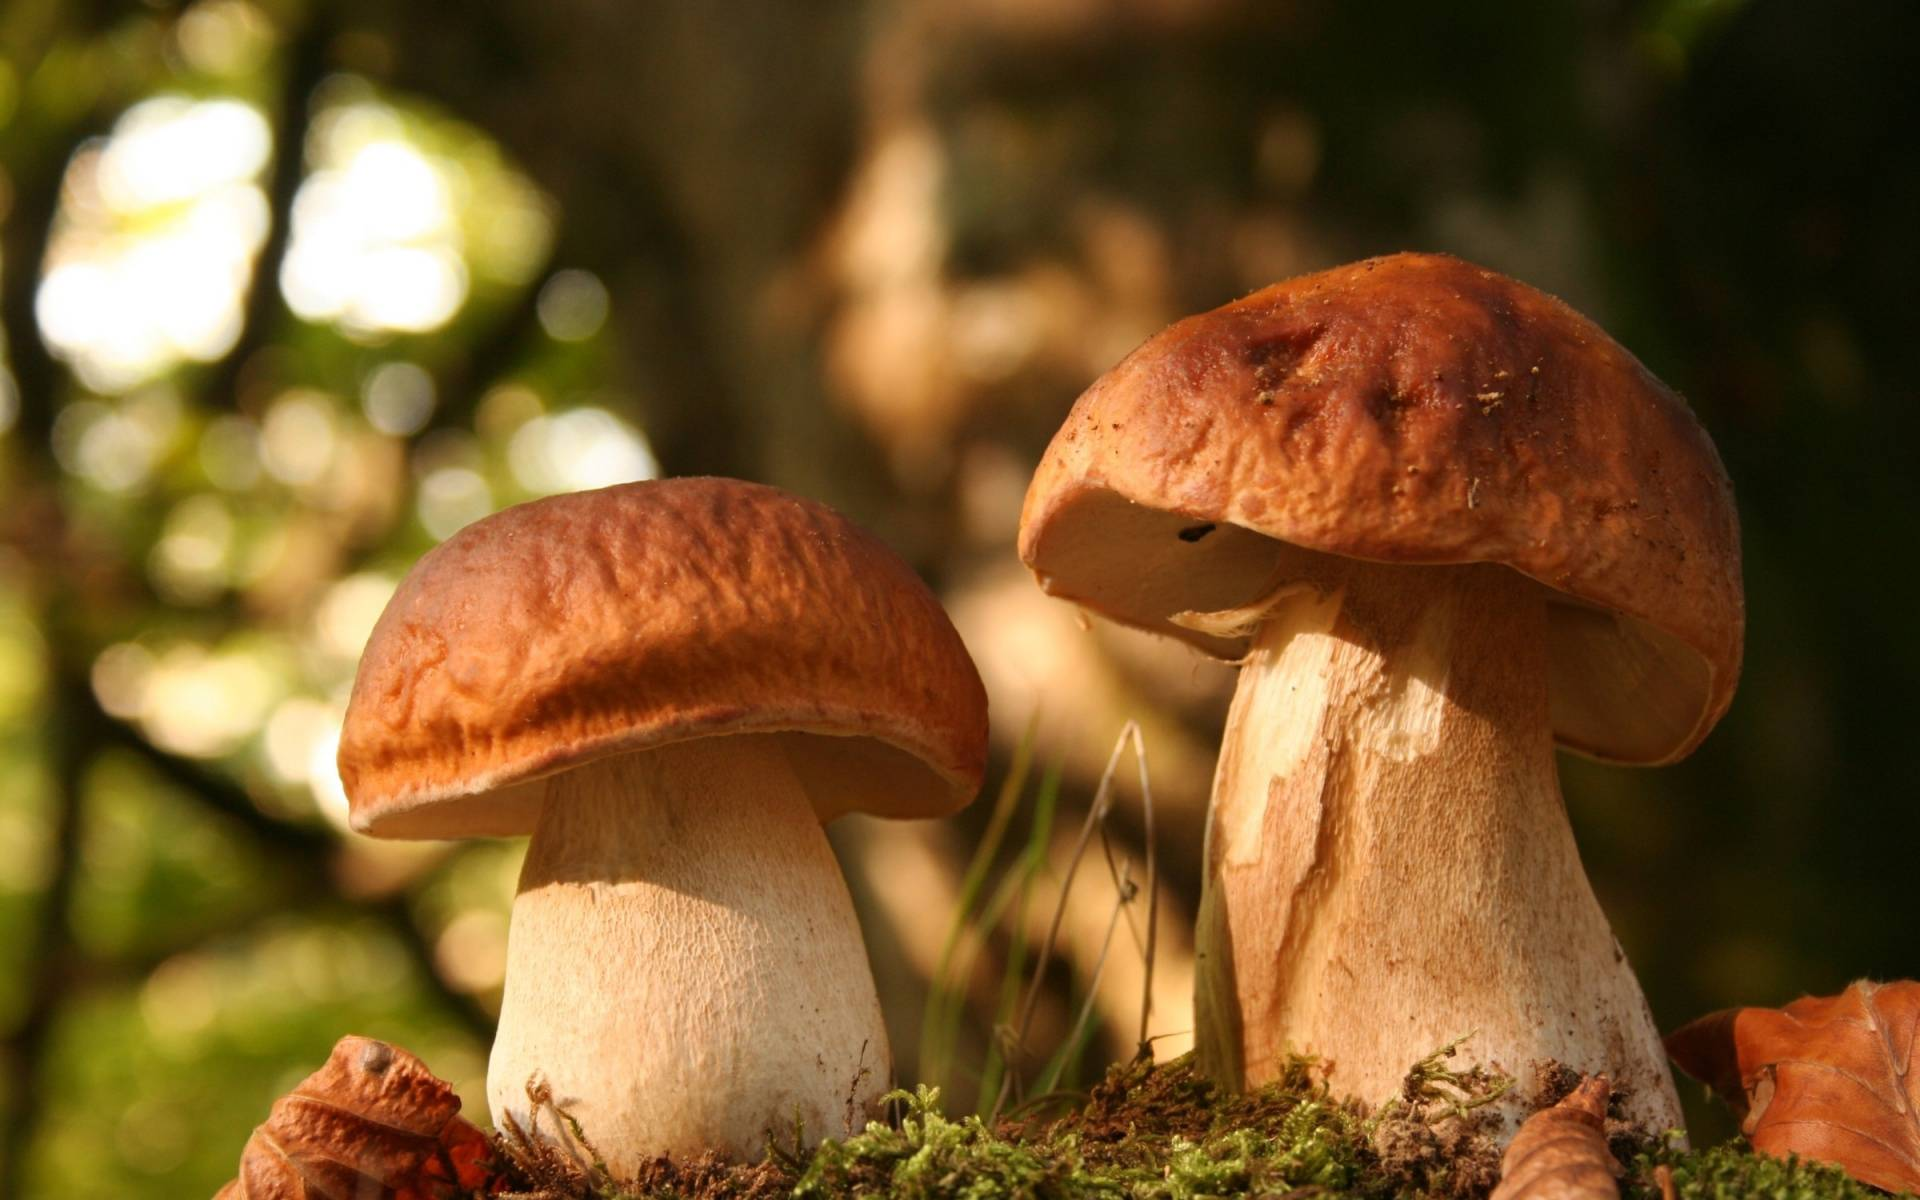 картинки хороших грибов жителей